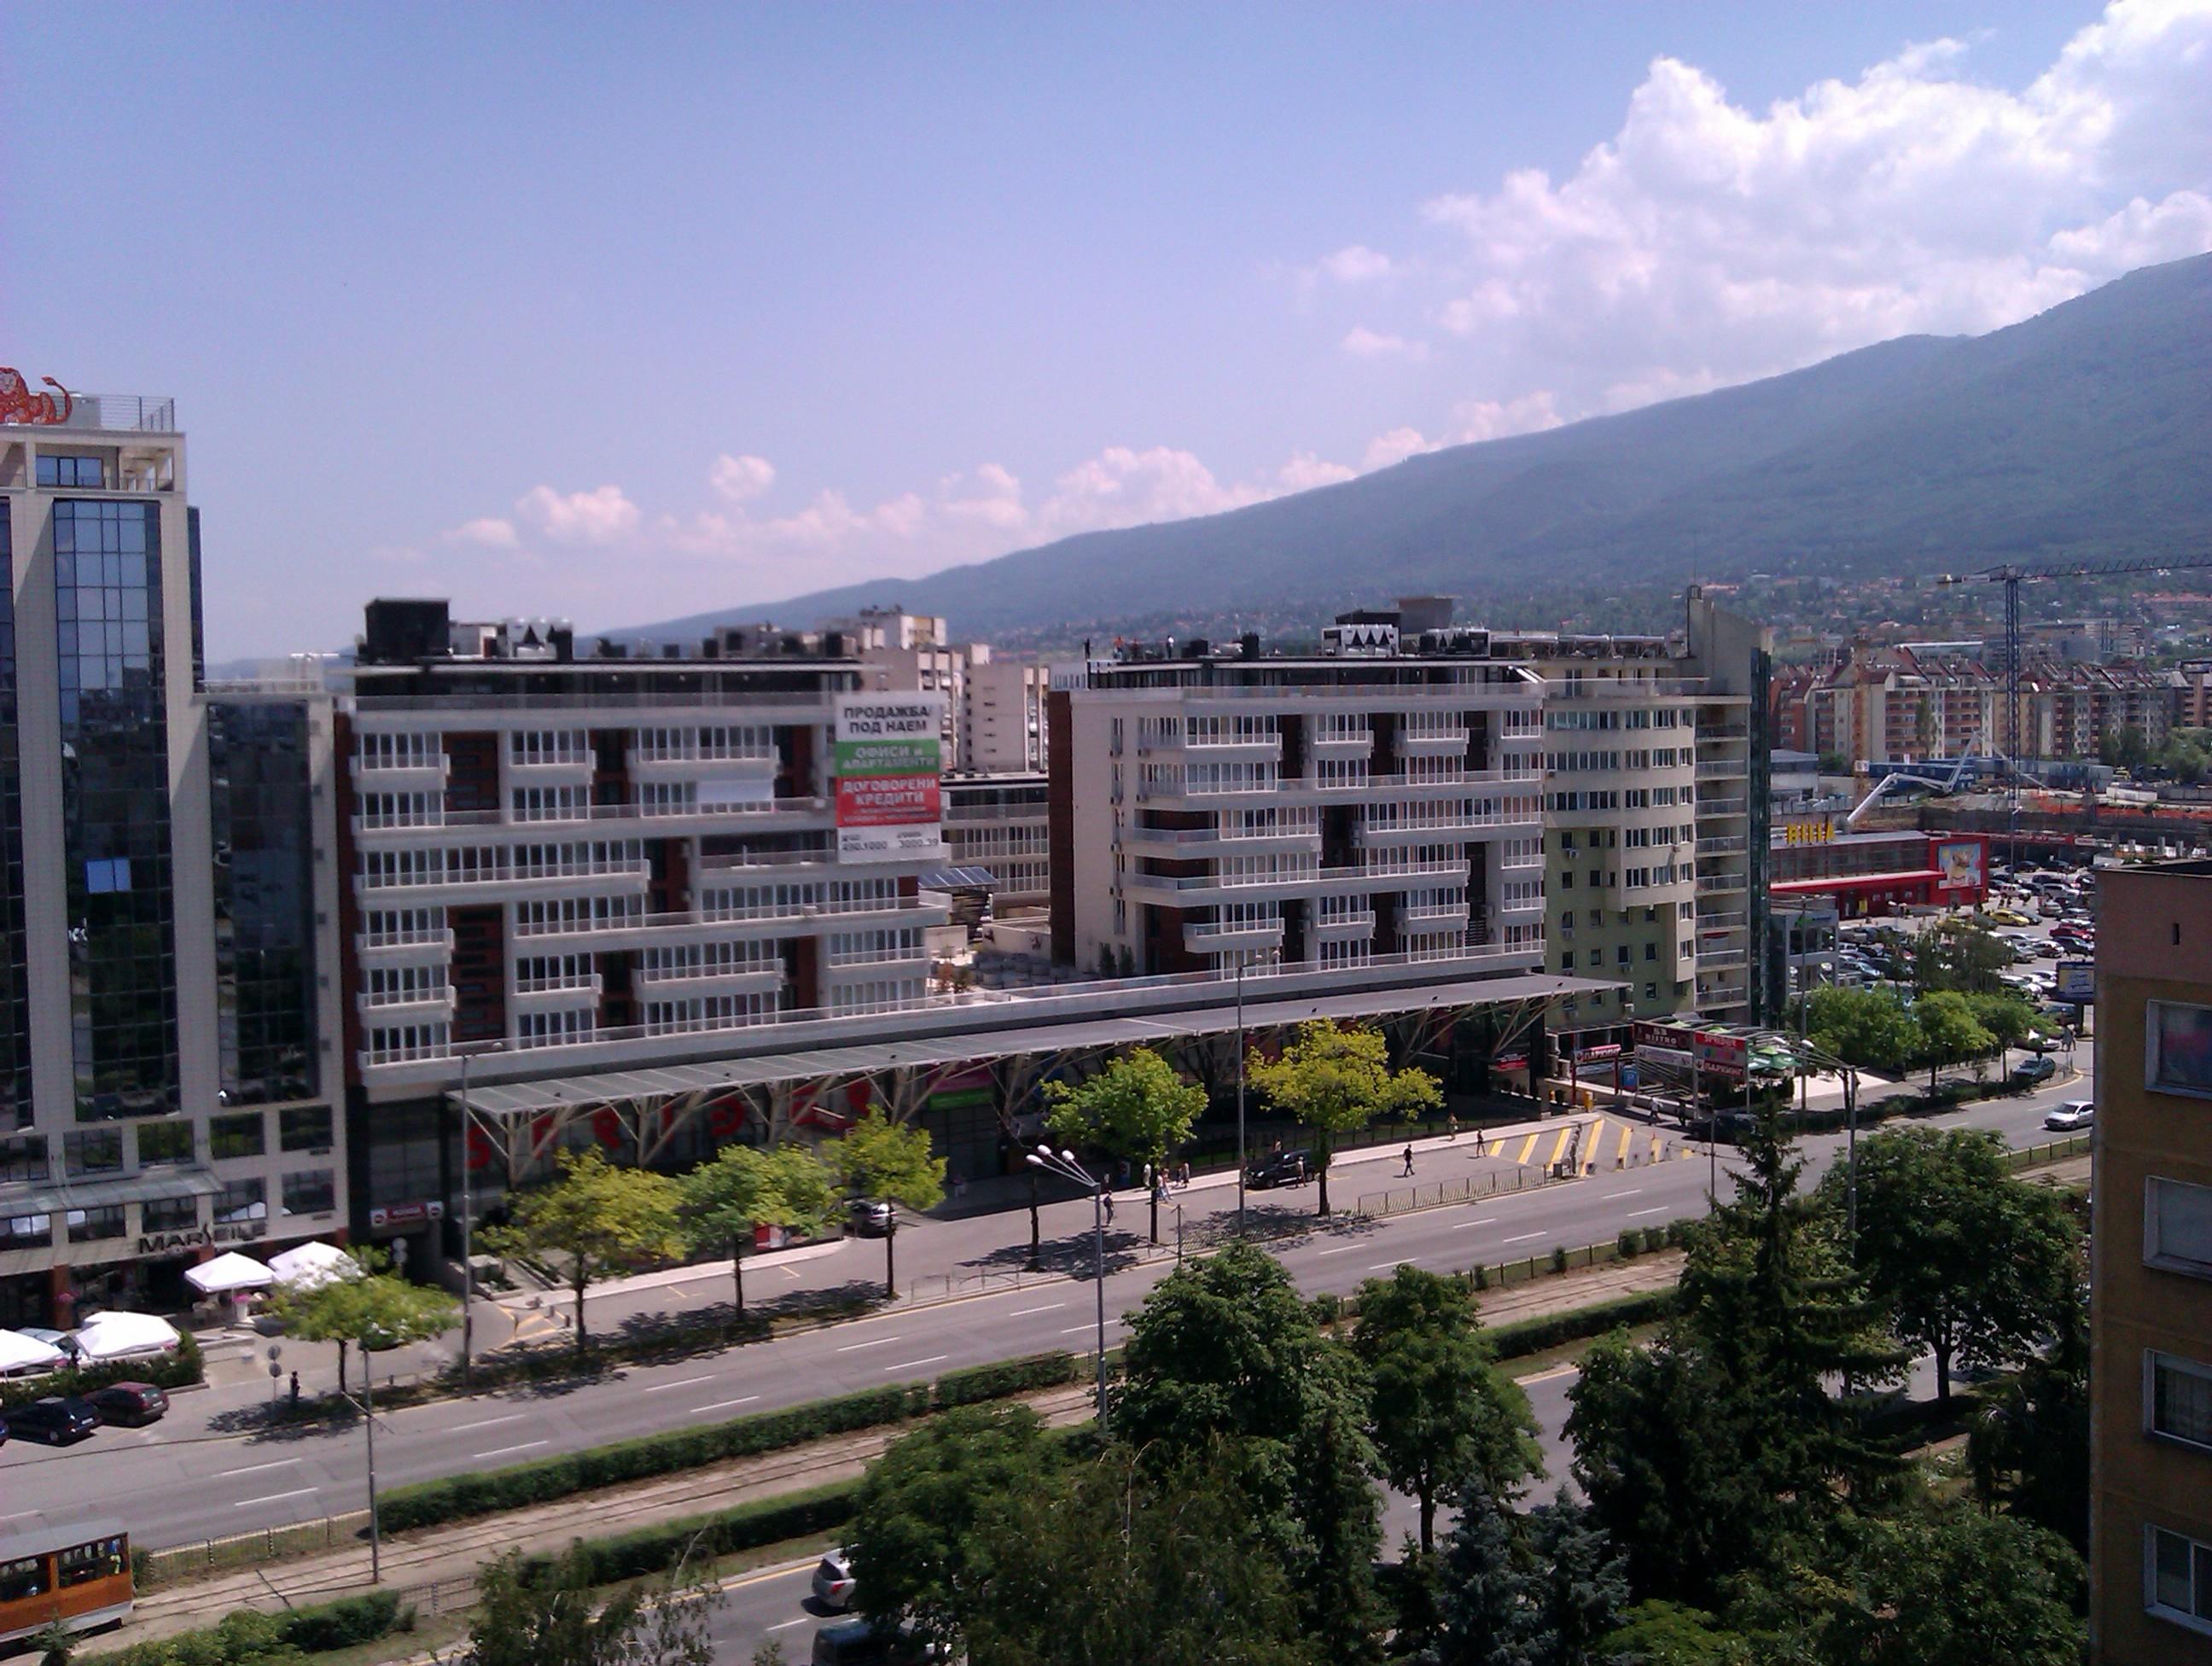 hasil foto kamera 5 MP HTC ChaCha, Dari www.gsmarena.com